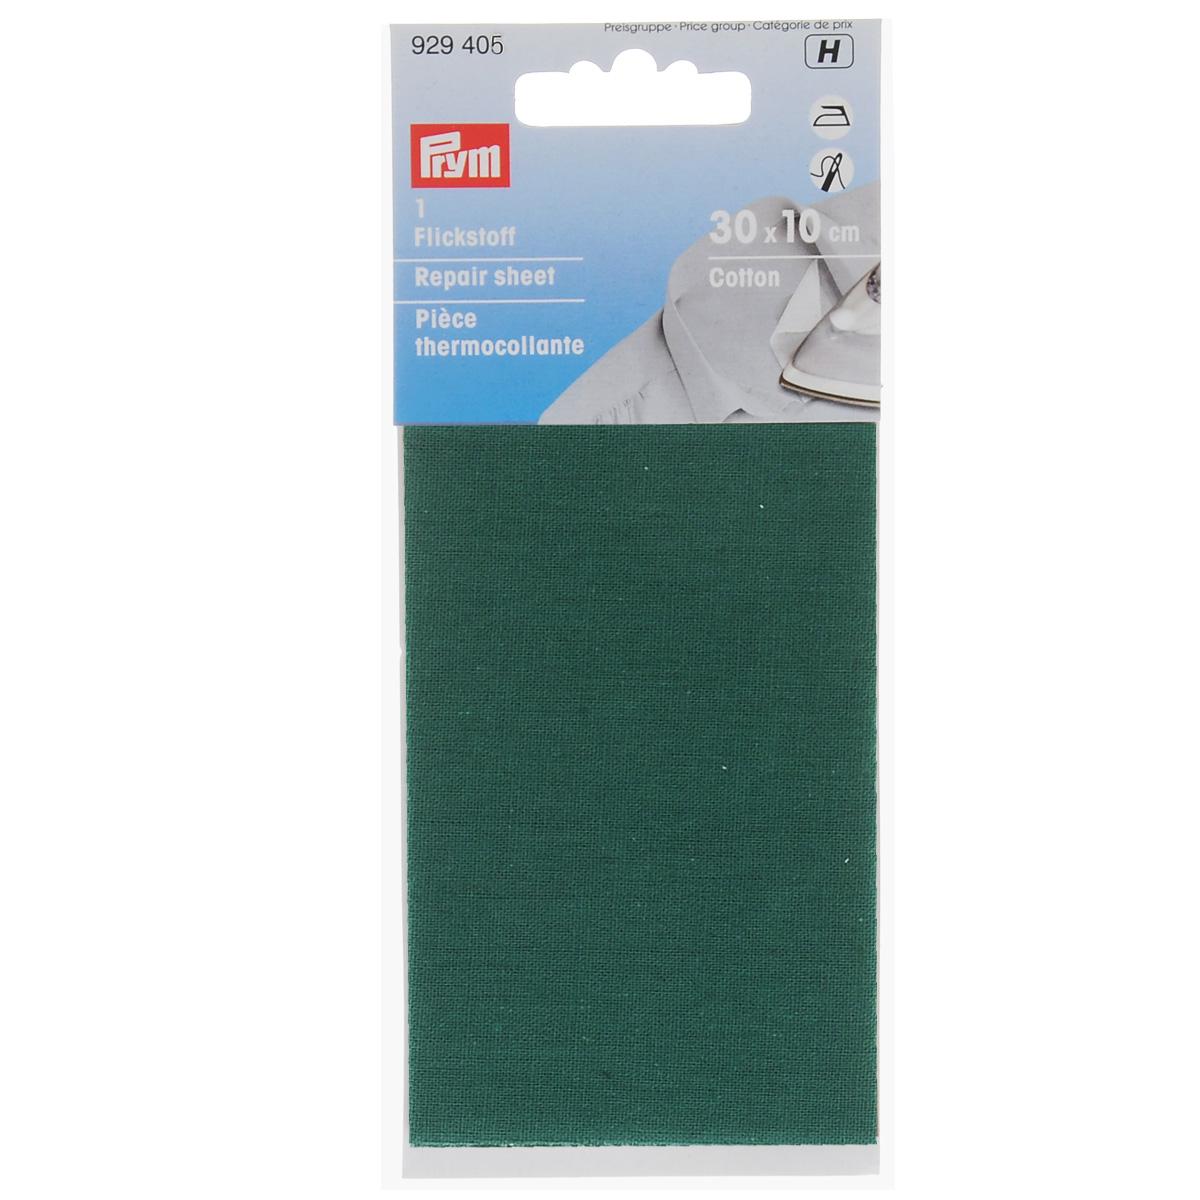 Термоткань для заплаток Prym, цвет: зеленый, 30 см х 10 см929405Однотонная термоткань Prym, изготовленная из 100% хлопка и оснащенная с обратной стороны клеевым слоем, используется в качестве заплаток. С помощью нее вы сможете быстро и без труда заделать дырку в джинсах, шортах и пр. Обрежьте края дырки от лишних ниток, прогладьте их утюгом, приложите заранее отрезанный кусок термоткани нужного размера и как следует прогладьте ткань не менее 12 секунд. Для дополнительной прочности ткань можно еще и настрочить. Размер: 30 см х 10 см.